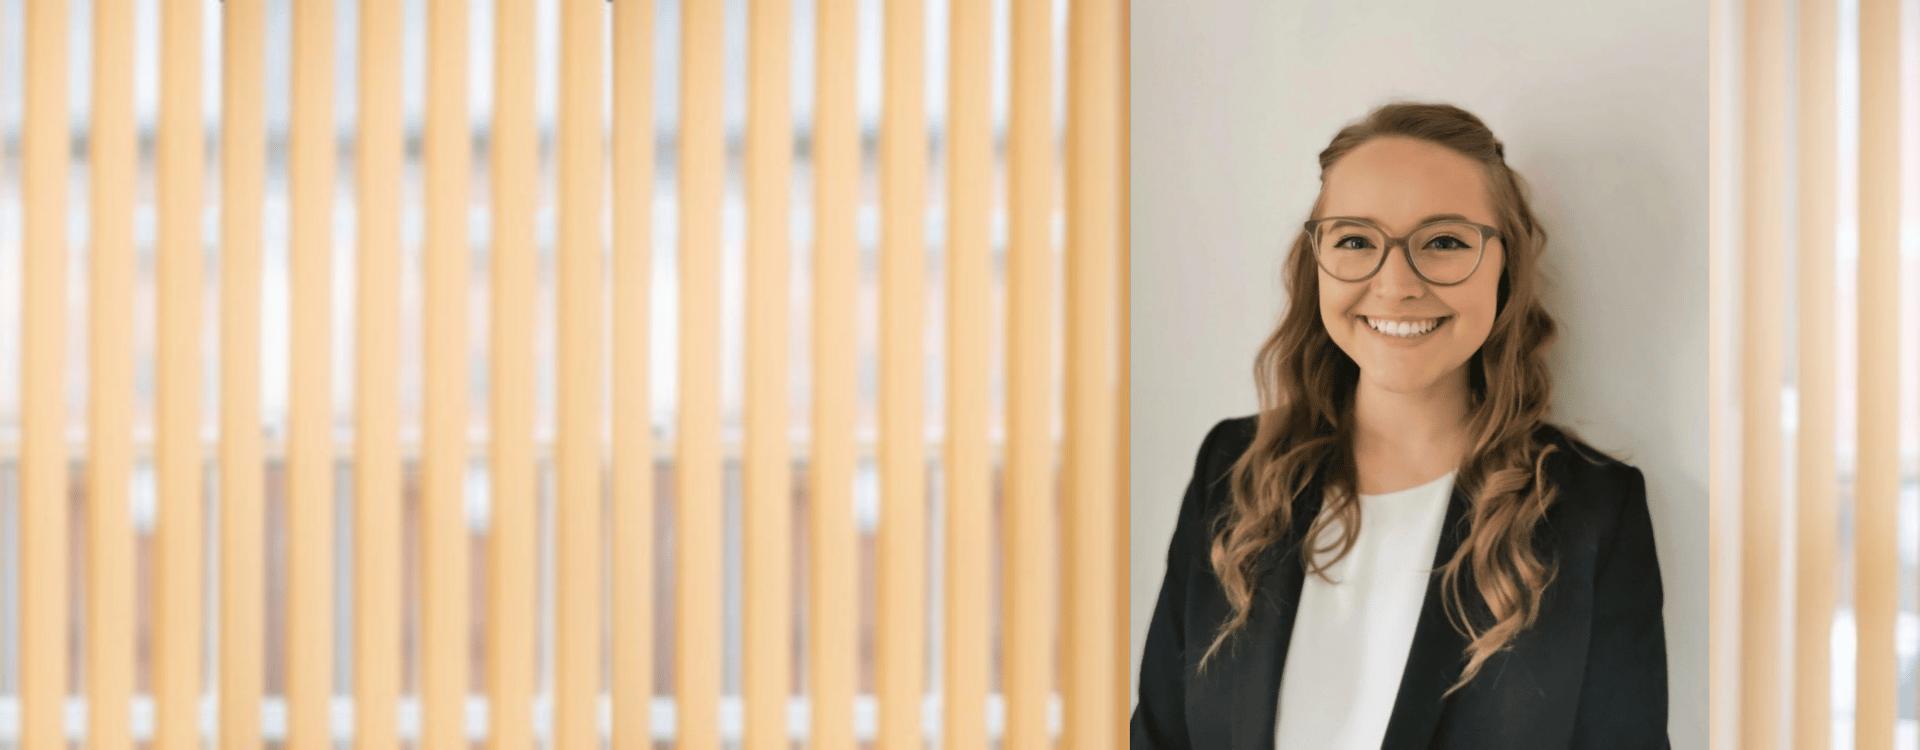 Anna Pinckard Business Development Manager